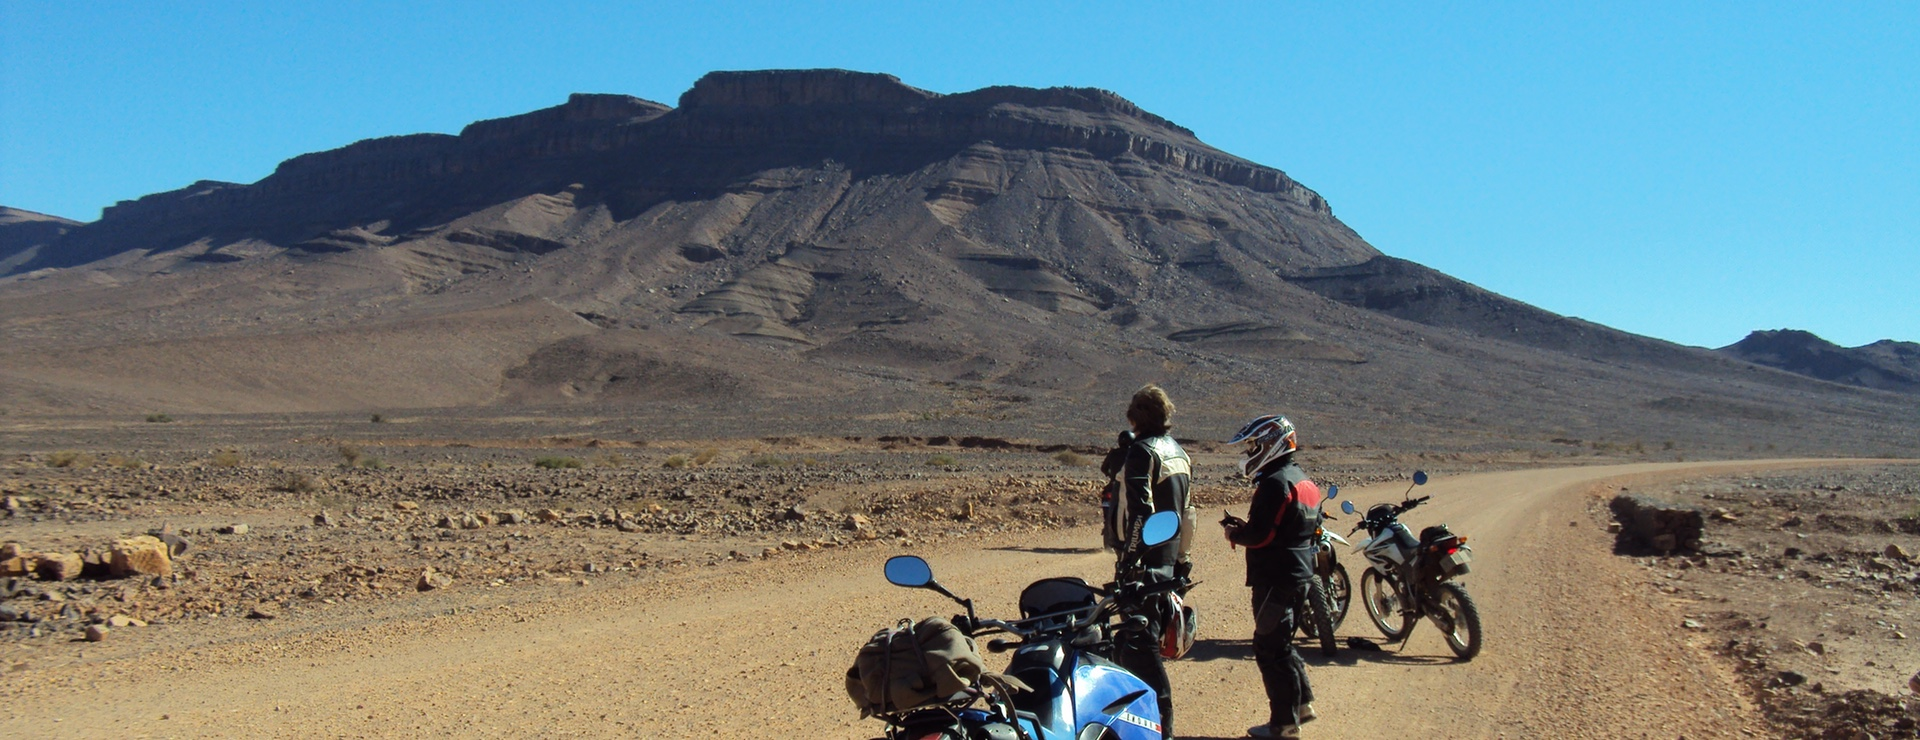 Berg Tazarine marokko